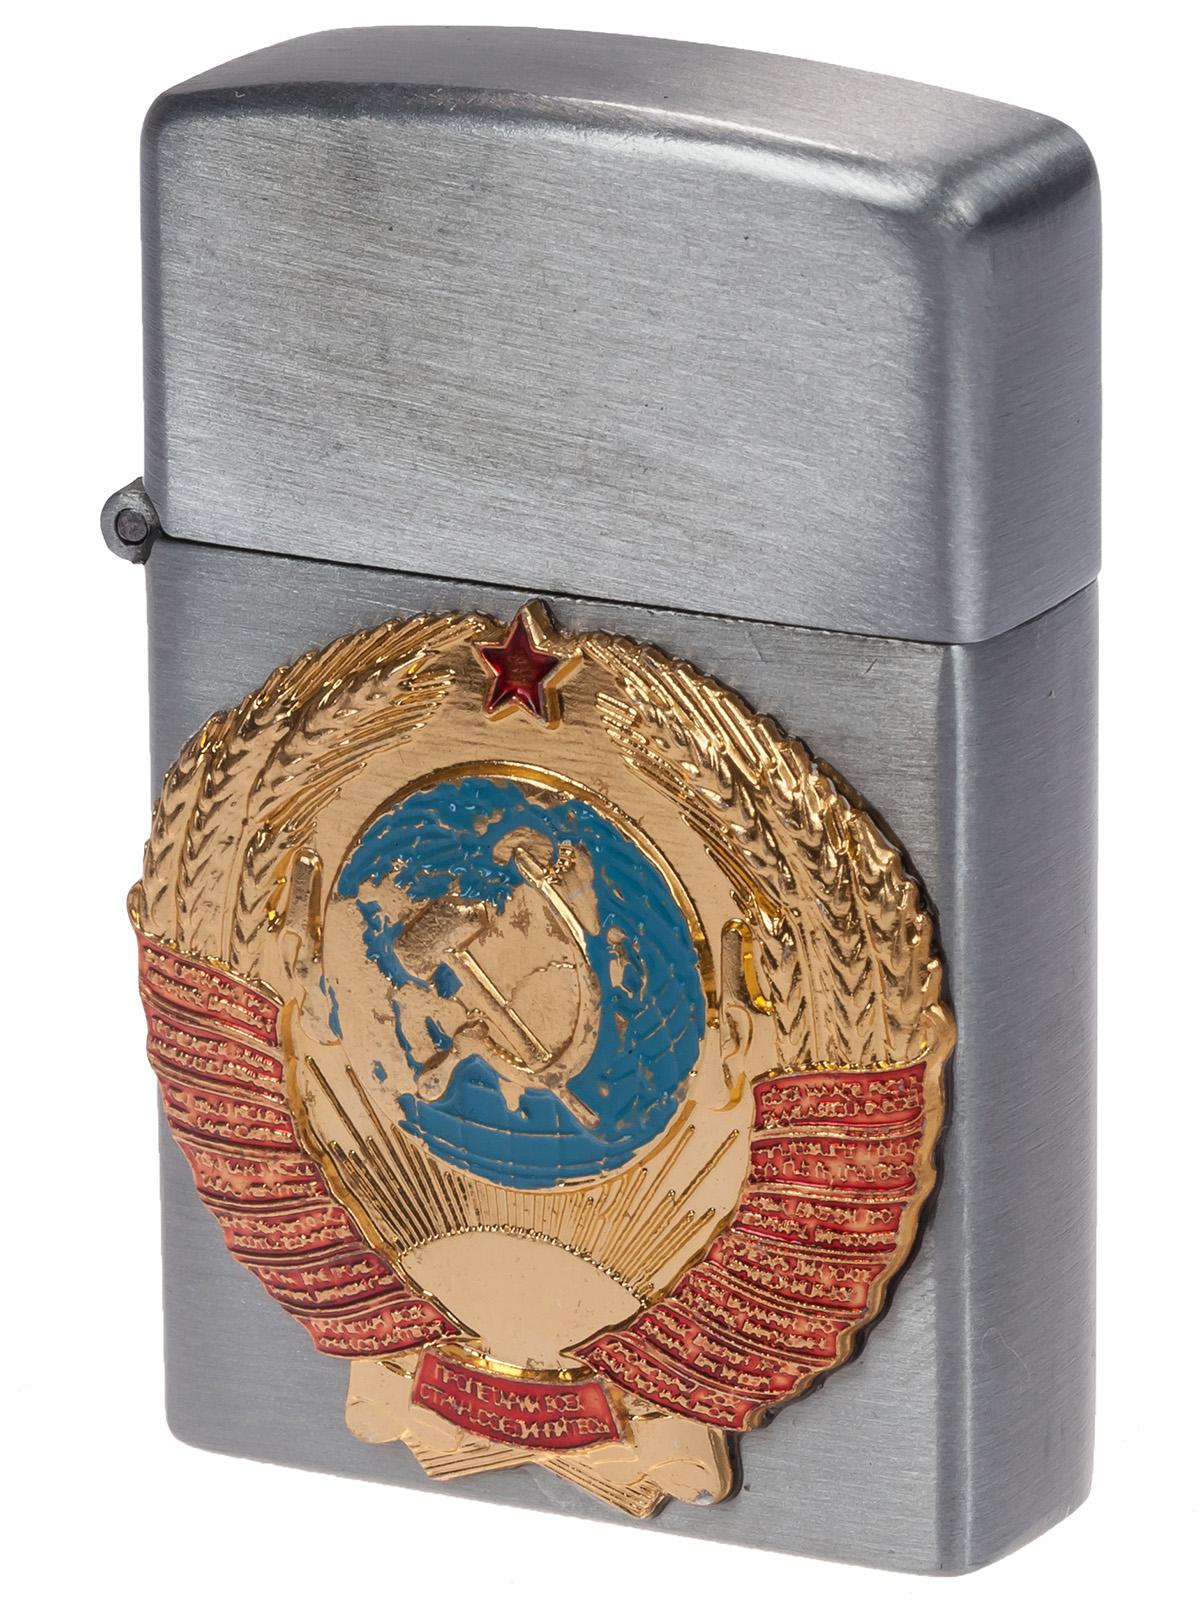 Подарочная зажигалка с гербом СССР (газовая Zippo) по низкой цене к 9 мая недорого